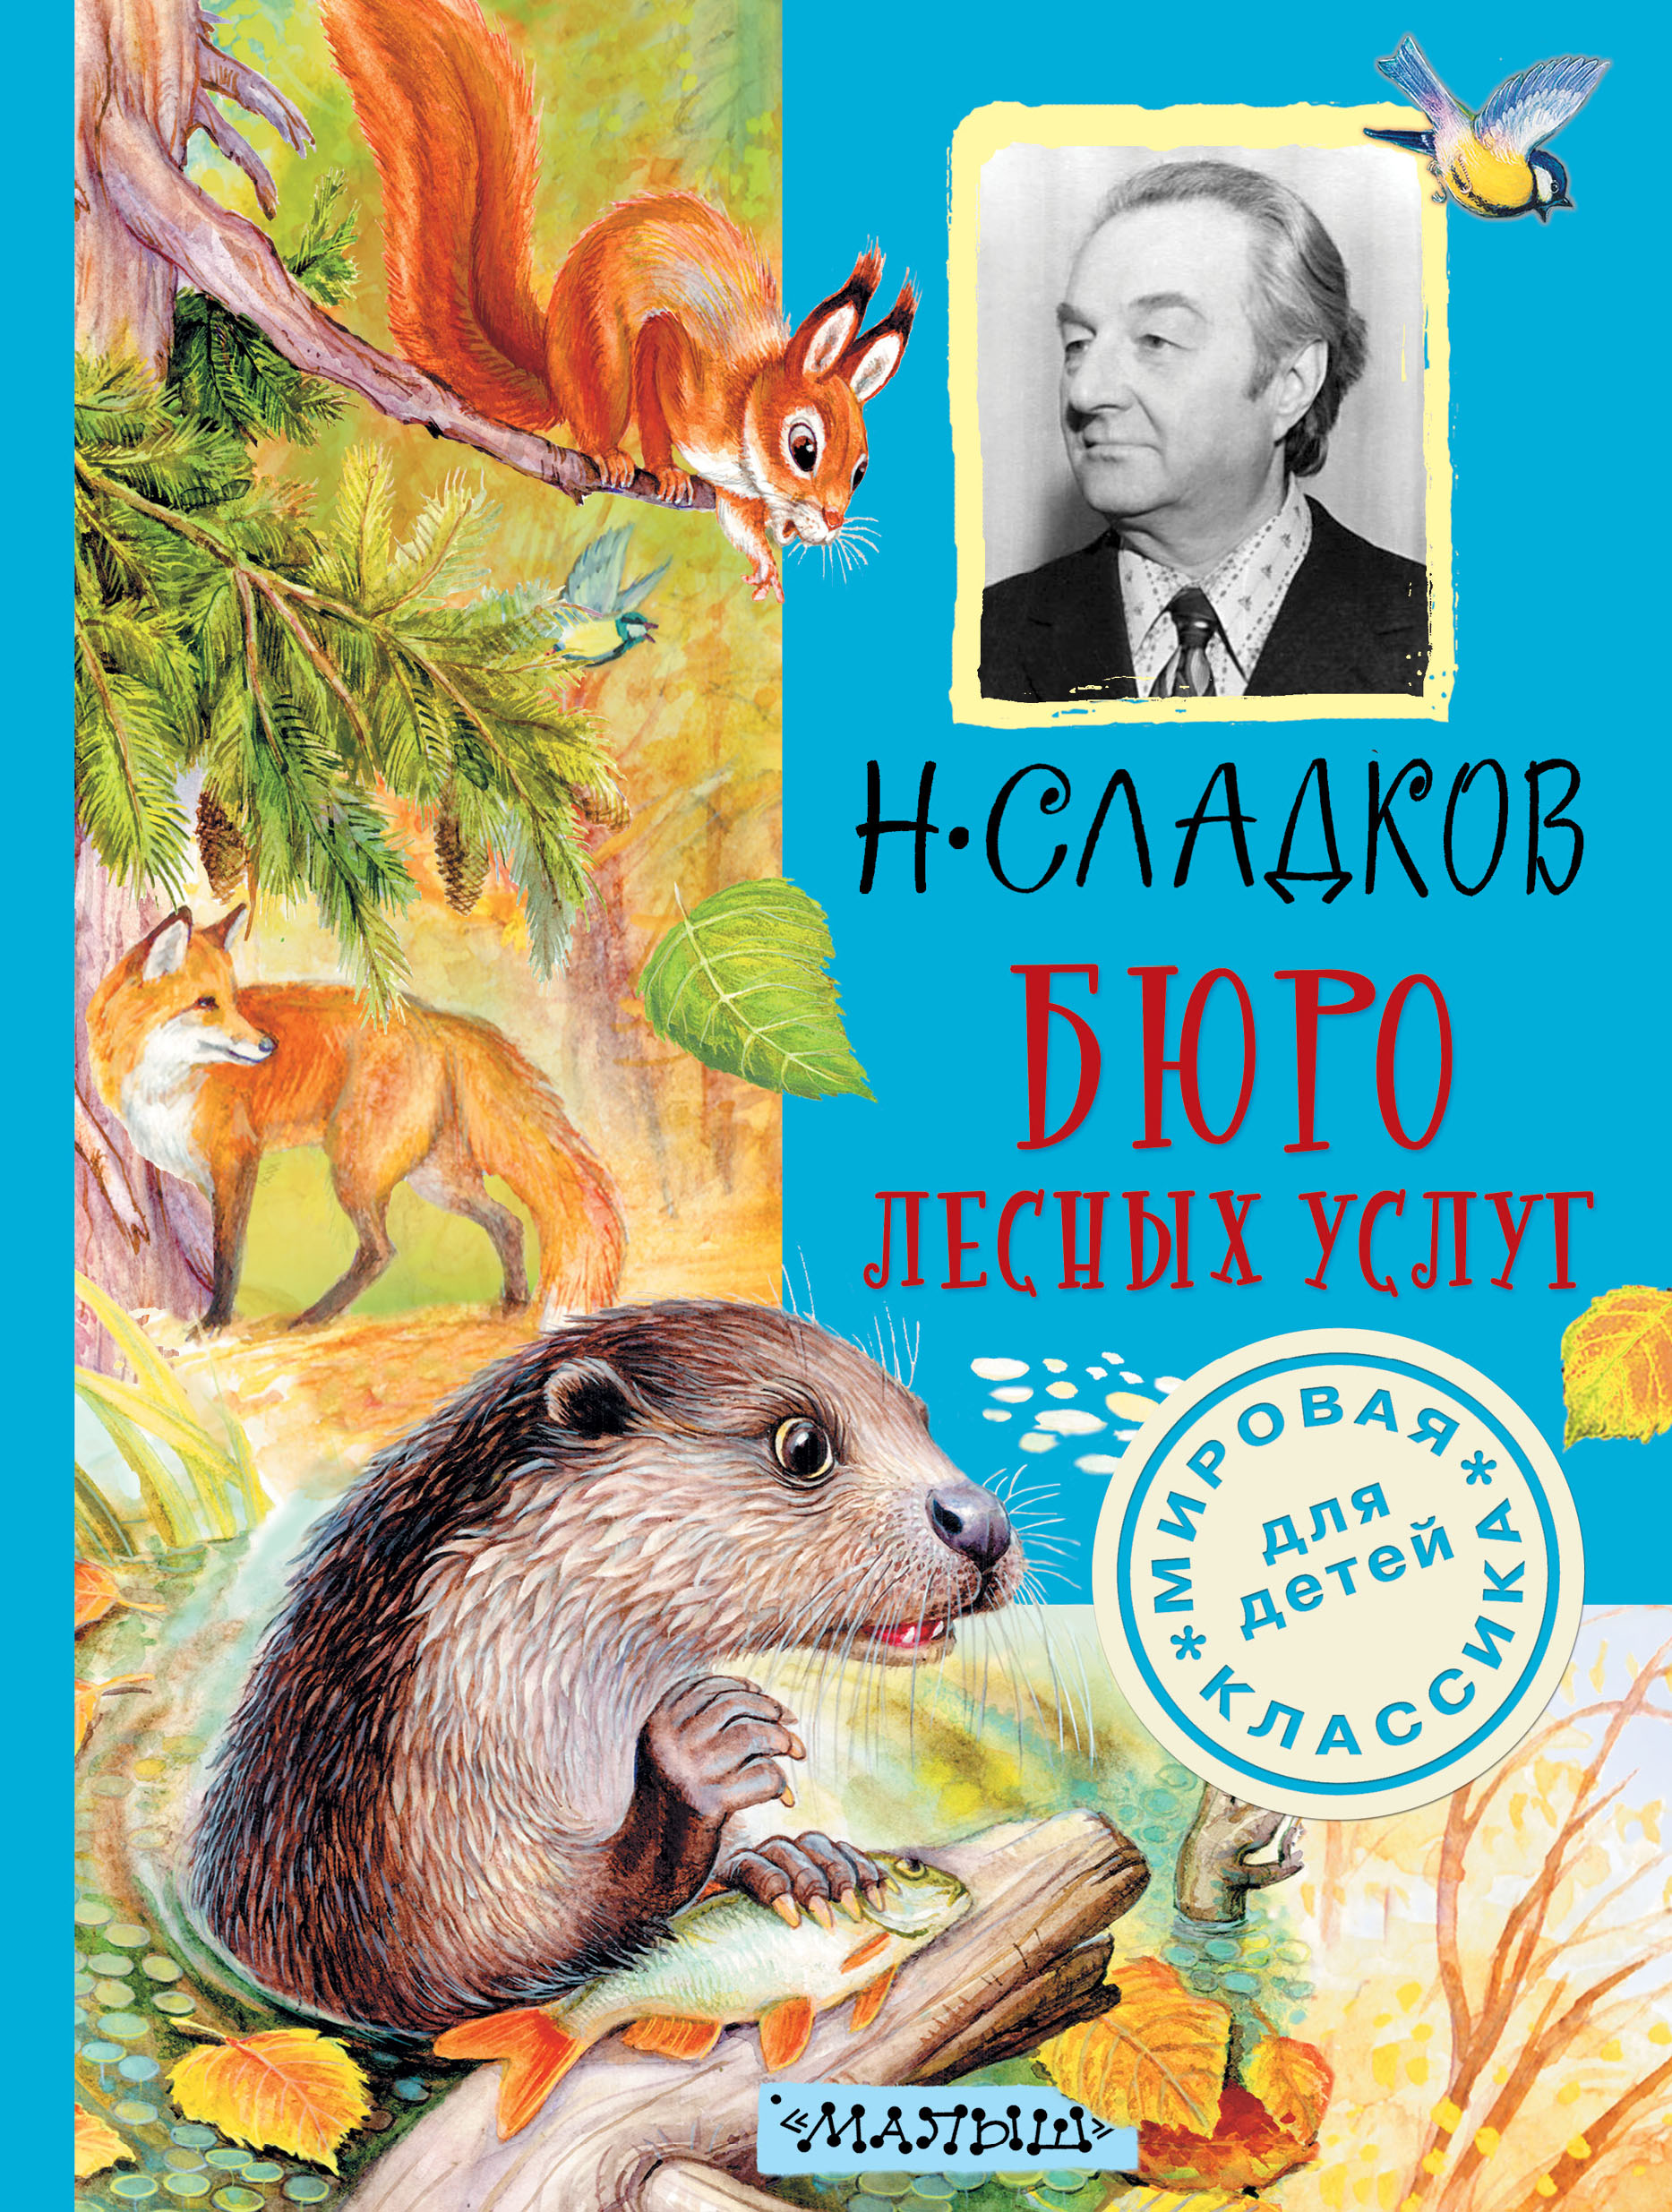 Сладков Н.И. Бюро лесных услуг сладков н бюро лесных услуг